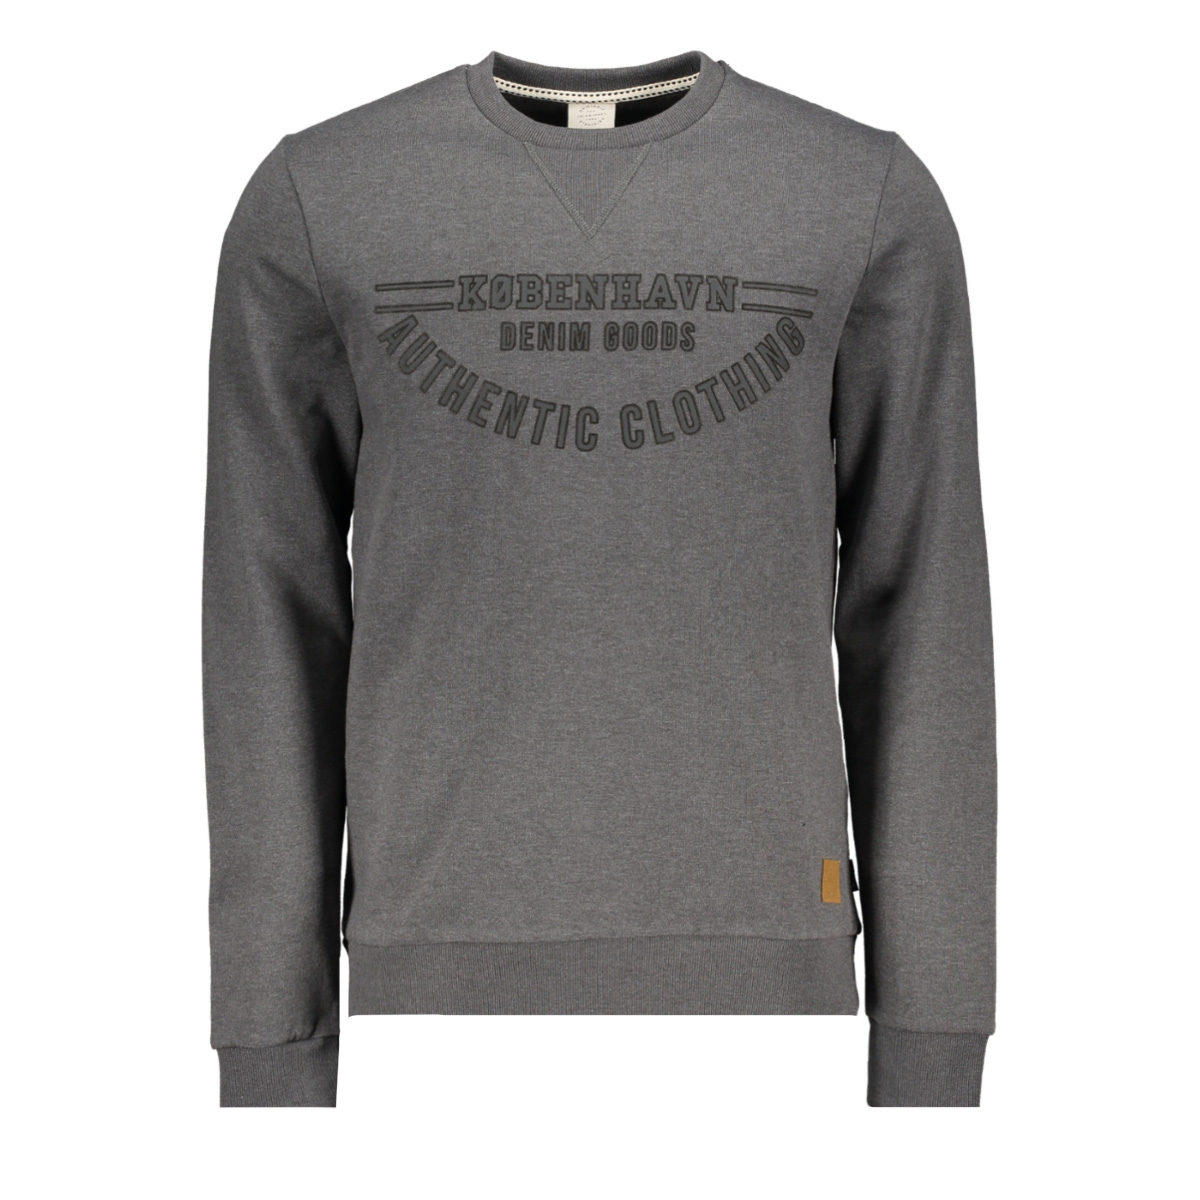 jordenver sweat crew neck 12145917 jack & jones sweater dark grey melange